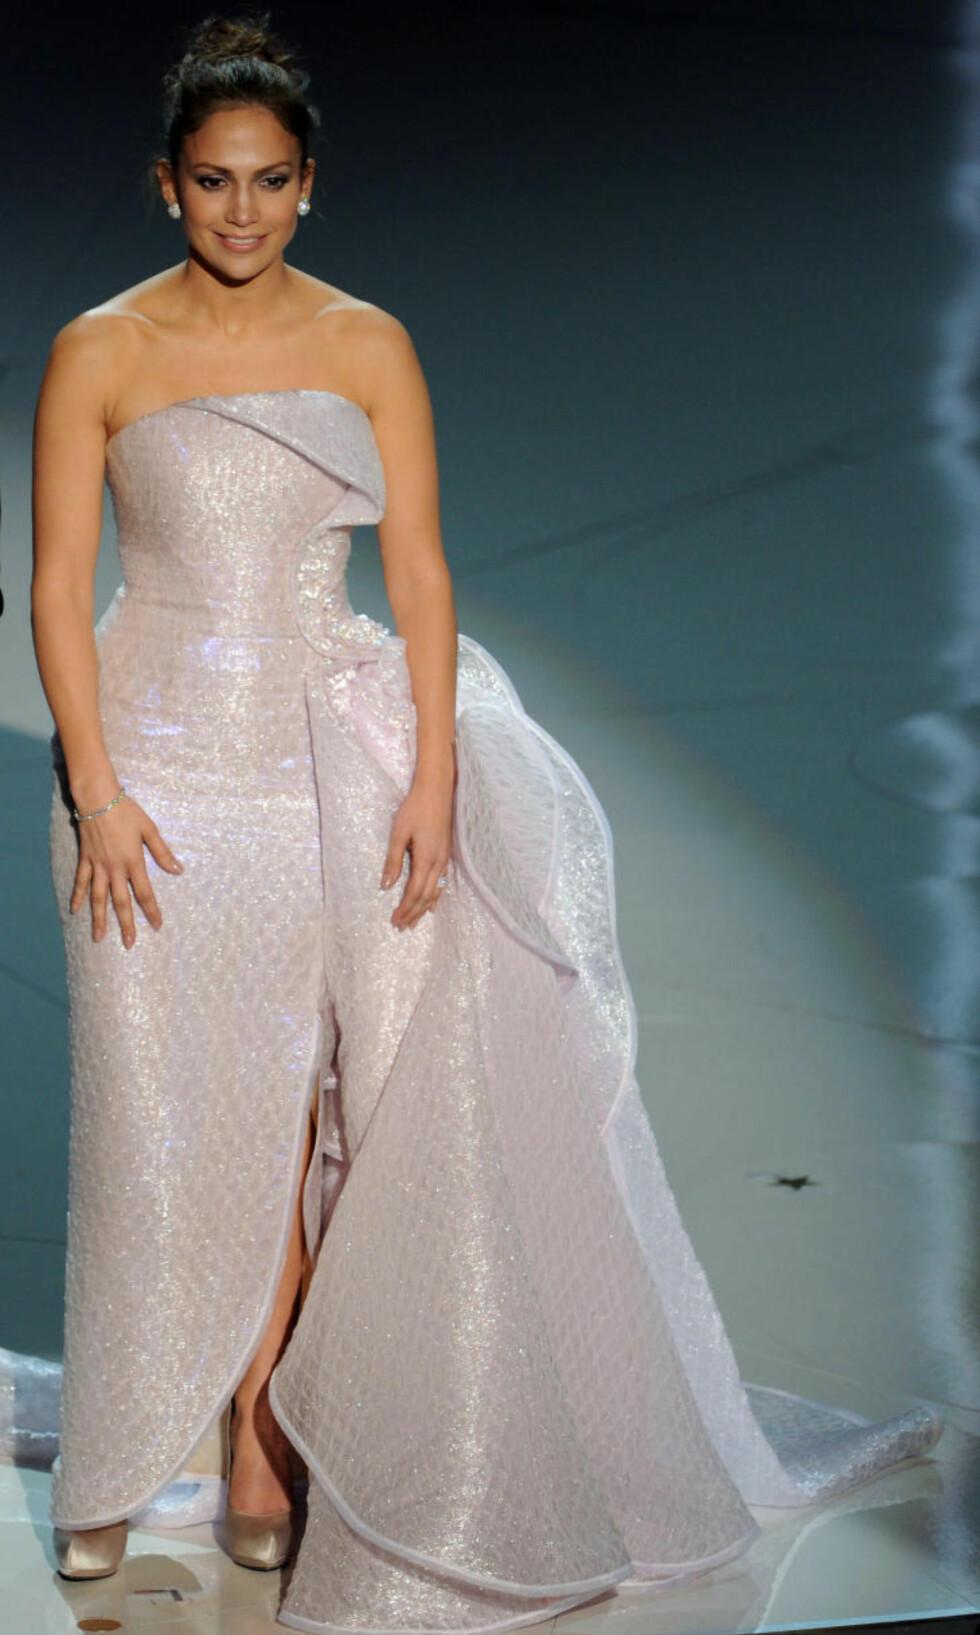 FÅR OPPMERKSOMHET: Jennifer Lopez har aldri vært Oscar-nominert, men kler seg ofte i oppsiktsvekkende kjoler når hun er invitert som prisutdeler, som her, i 2010. Foto: Scanpix.